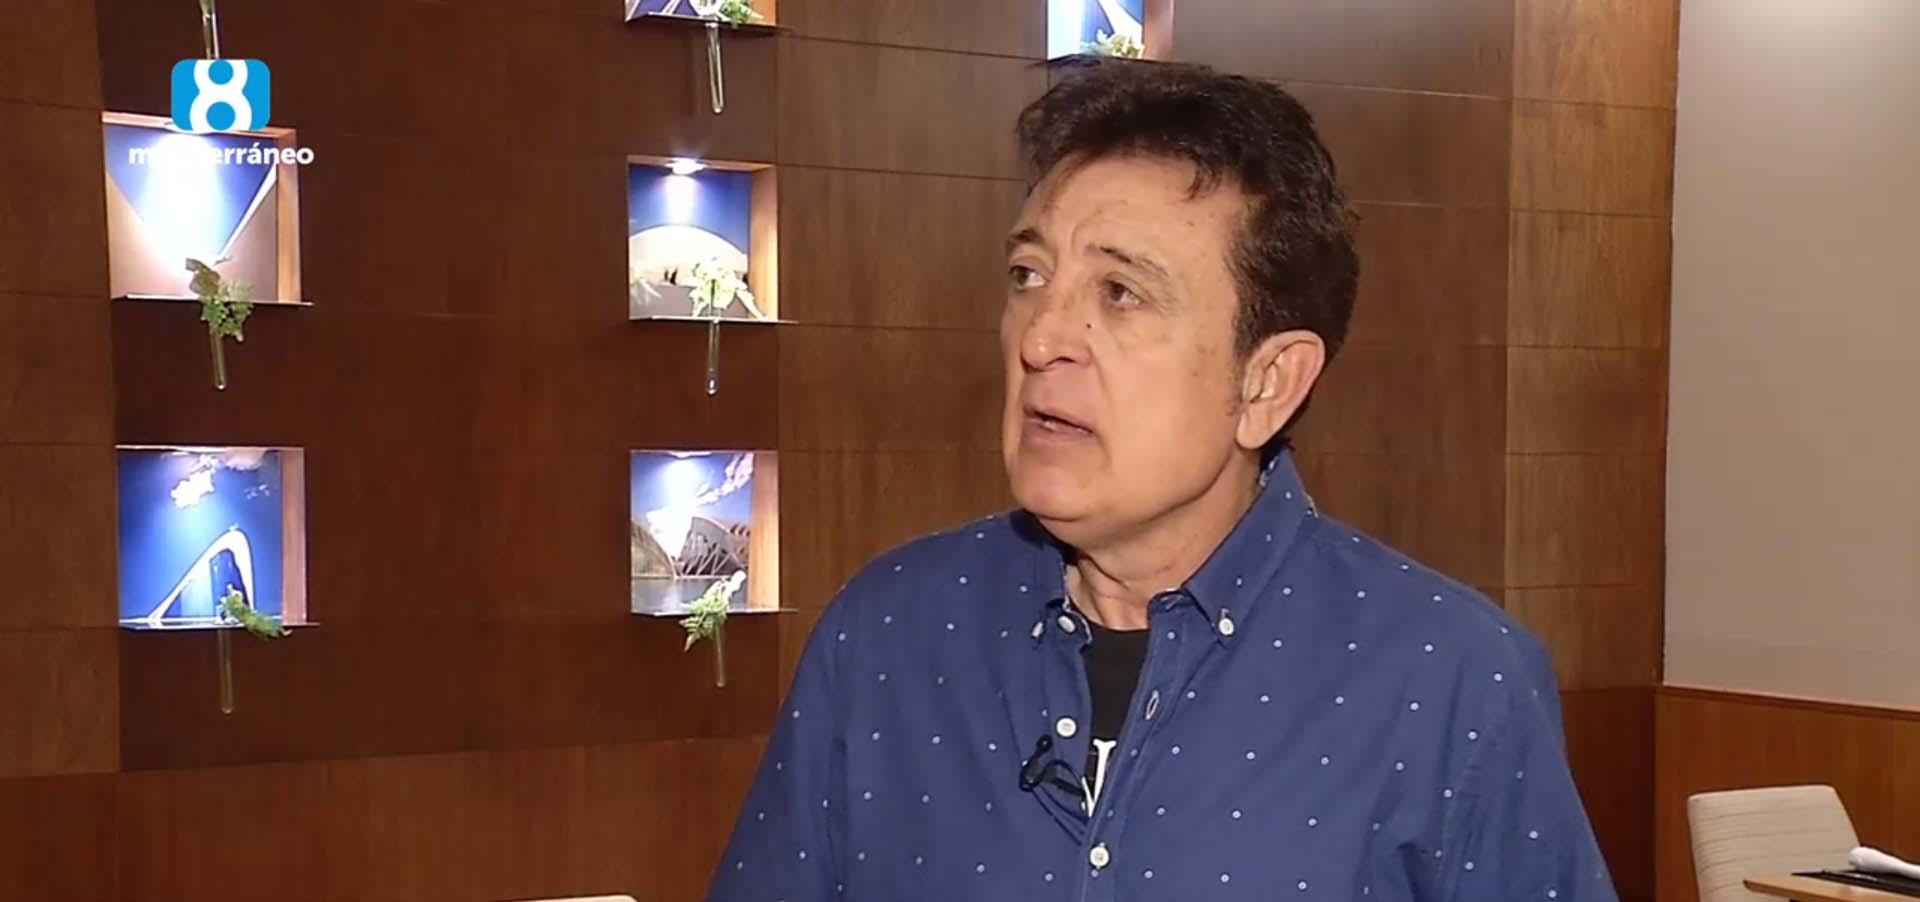 Entrevista a Manolo García en La Ocho TV